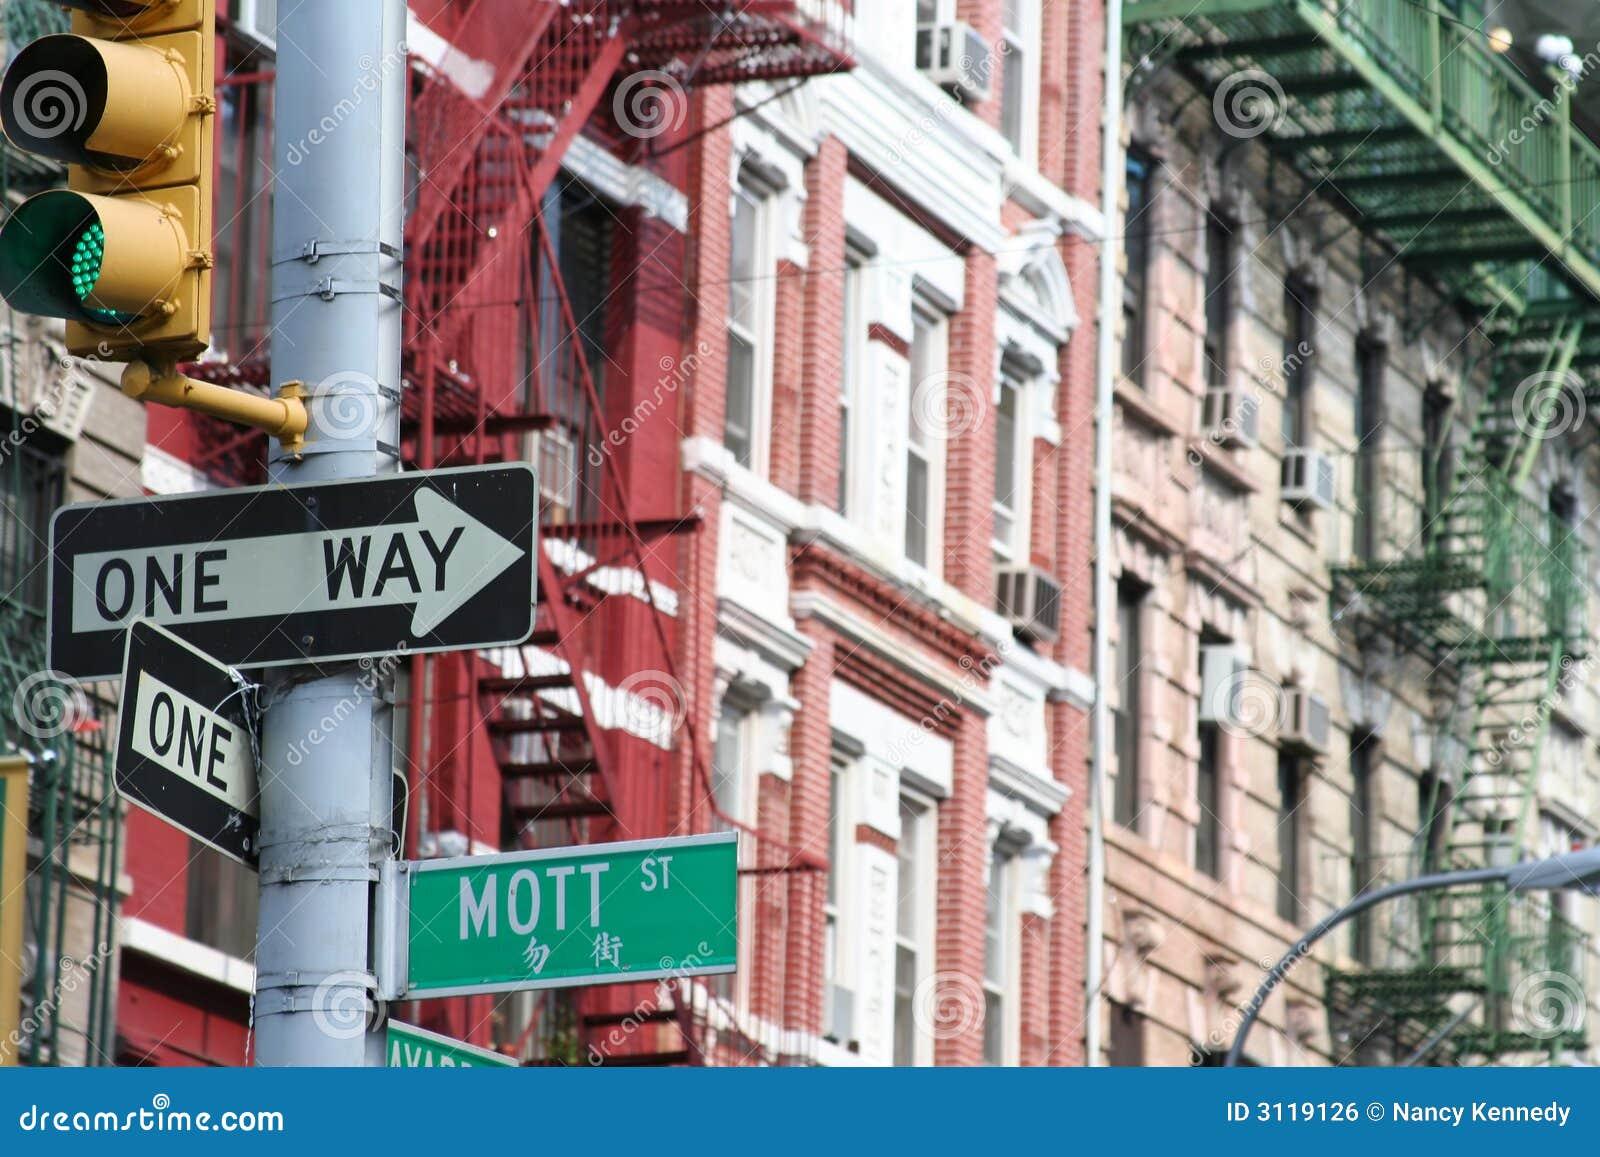 Mott Street, Manhattan